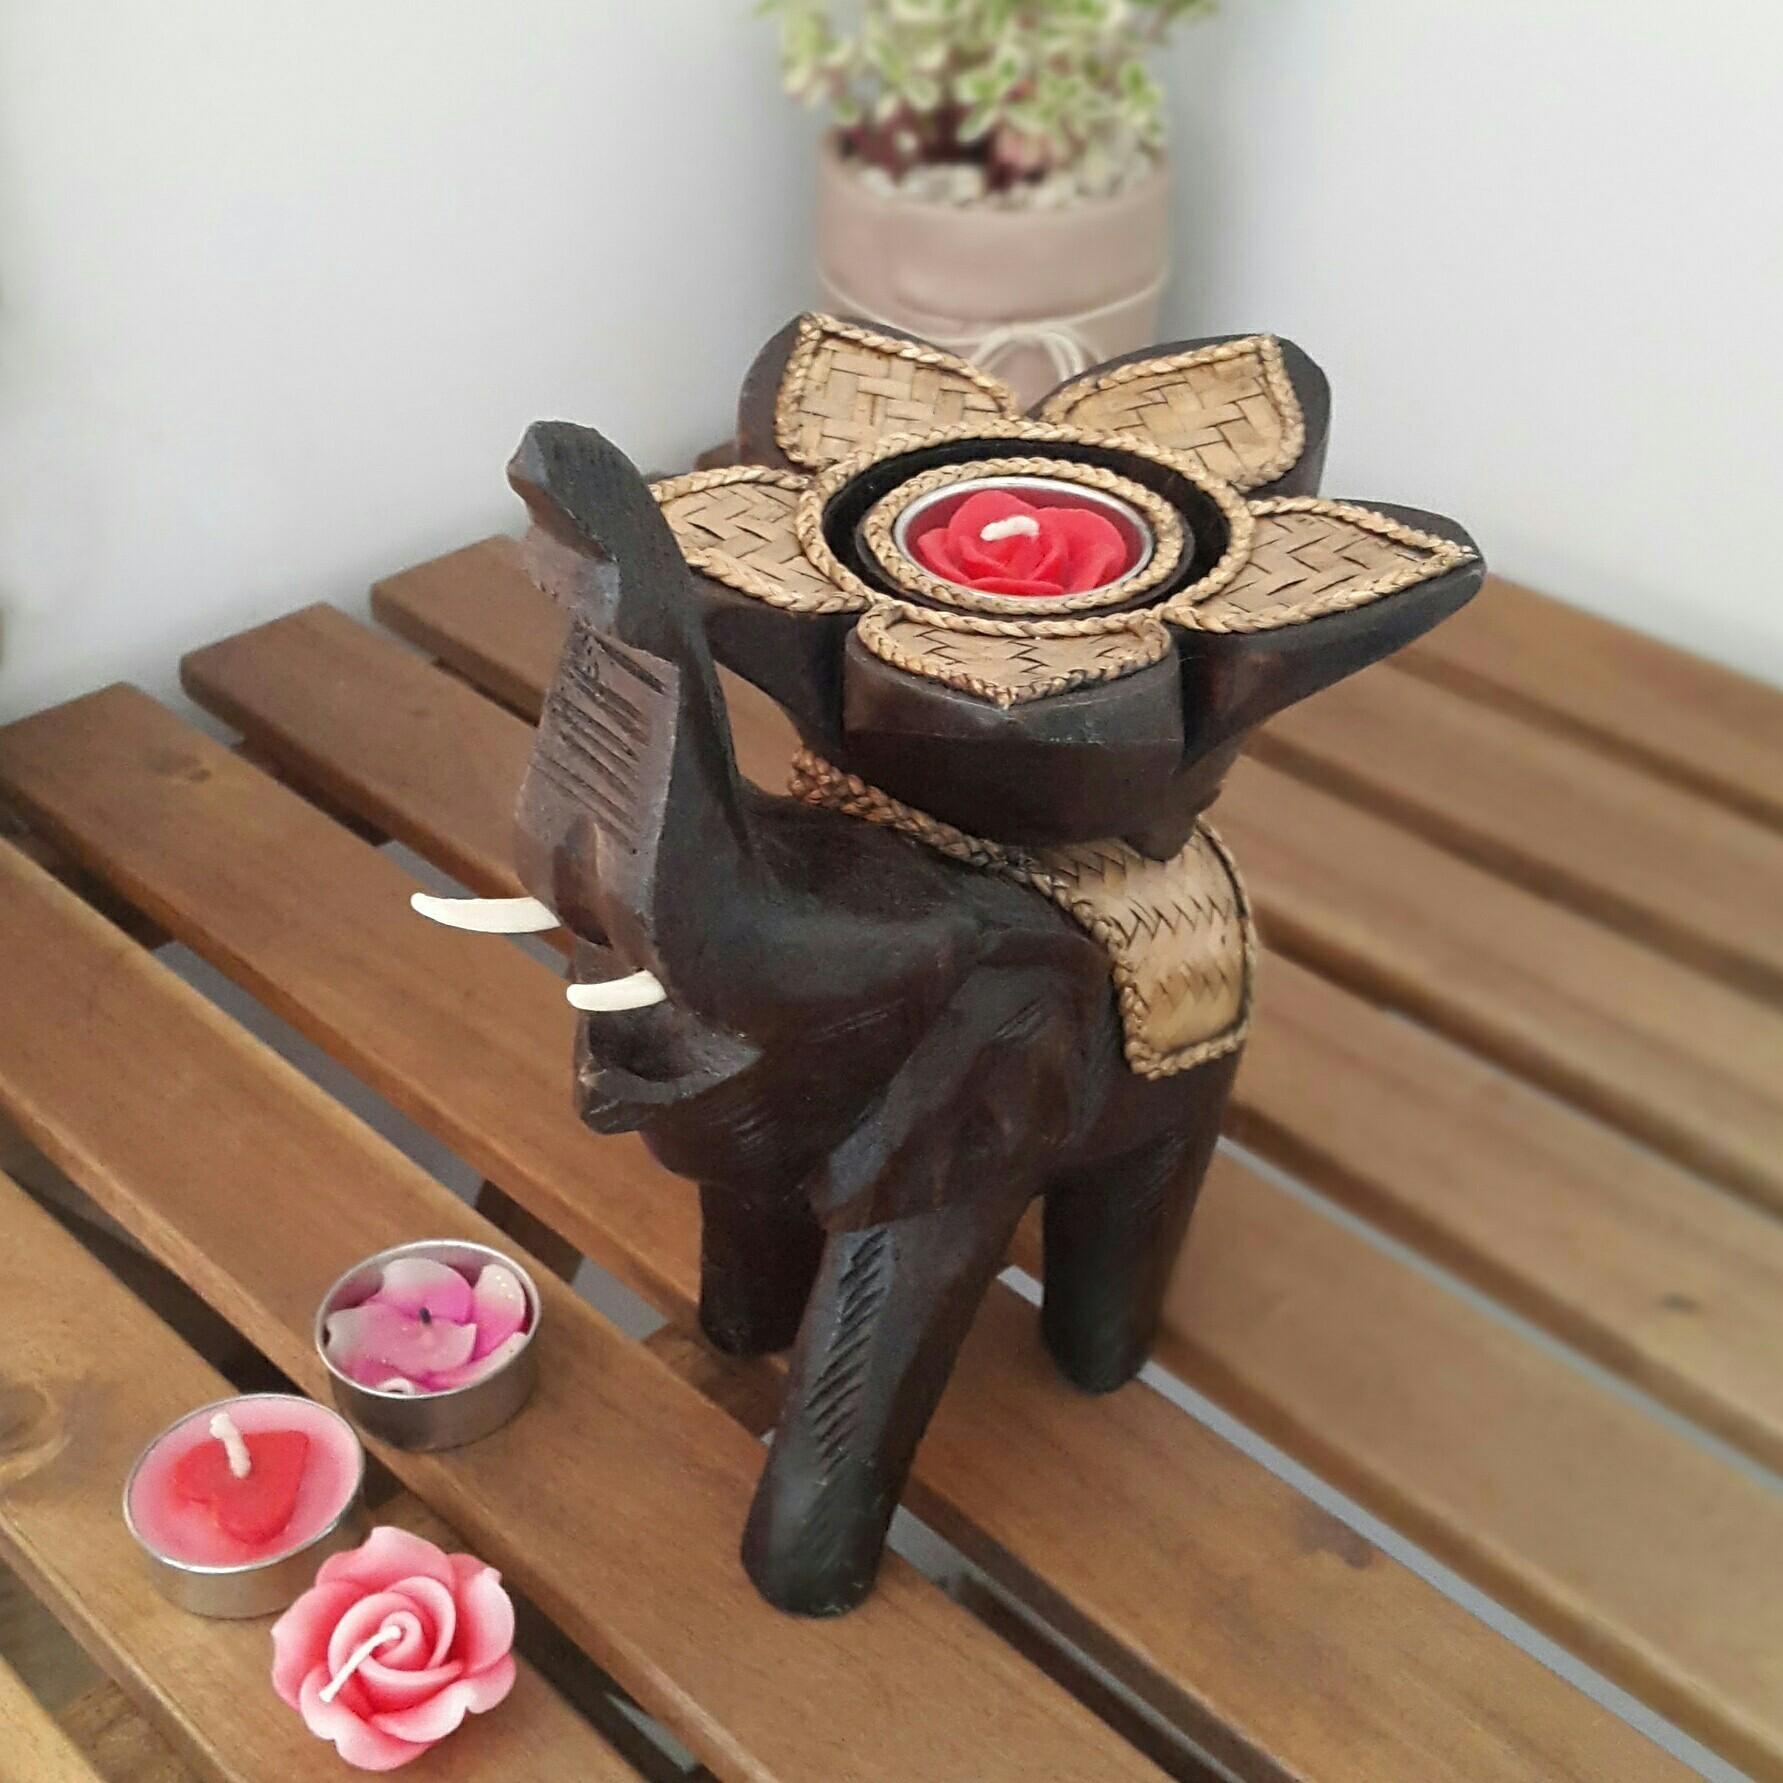 l phant avec la trompe et les d fenses qui portent une fleur de lotus fait la main porte. Black Bedroom Furniture Sets. Home Design Ideas